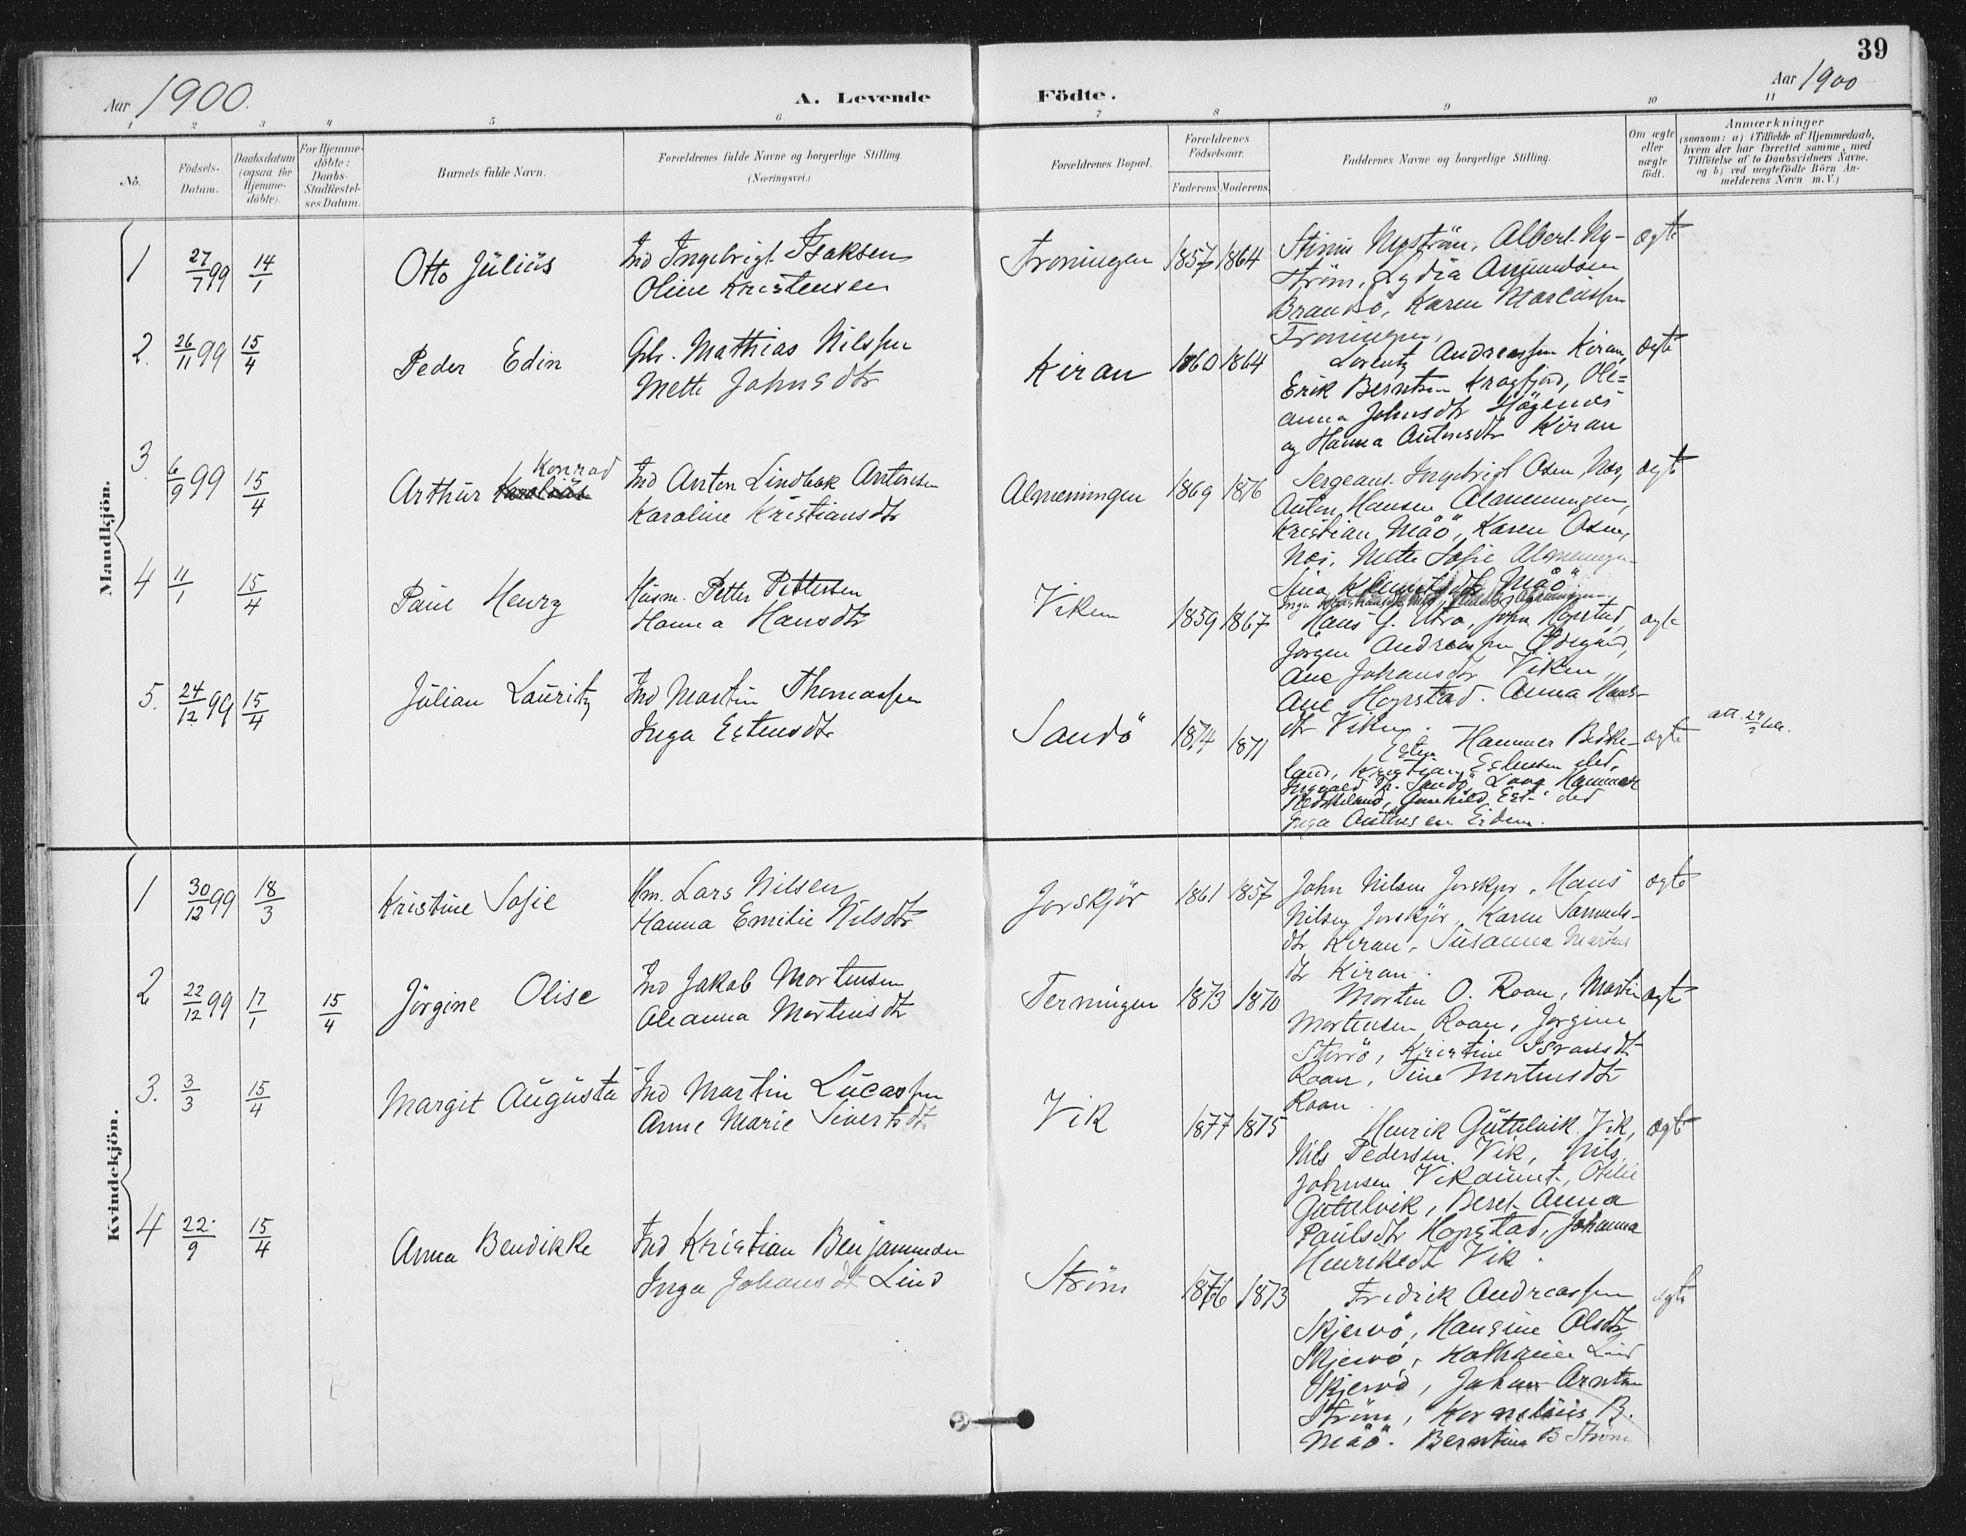 SAT, Ministerialprotokoller, klokkerbøker og fødselsregistre - Sør-Trøndelag, 657/L0708: Ministerialbok nr. 657A09, 1894-1904, s. 39